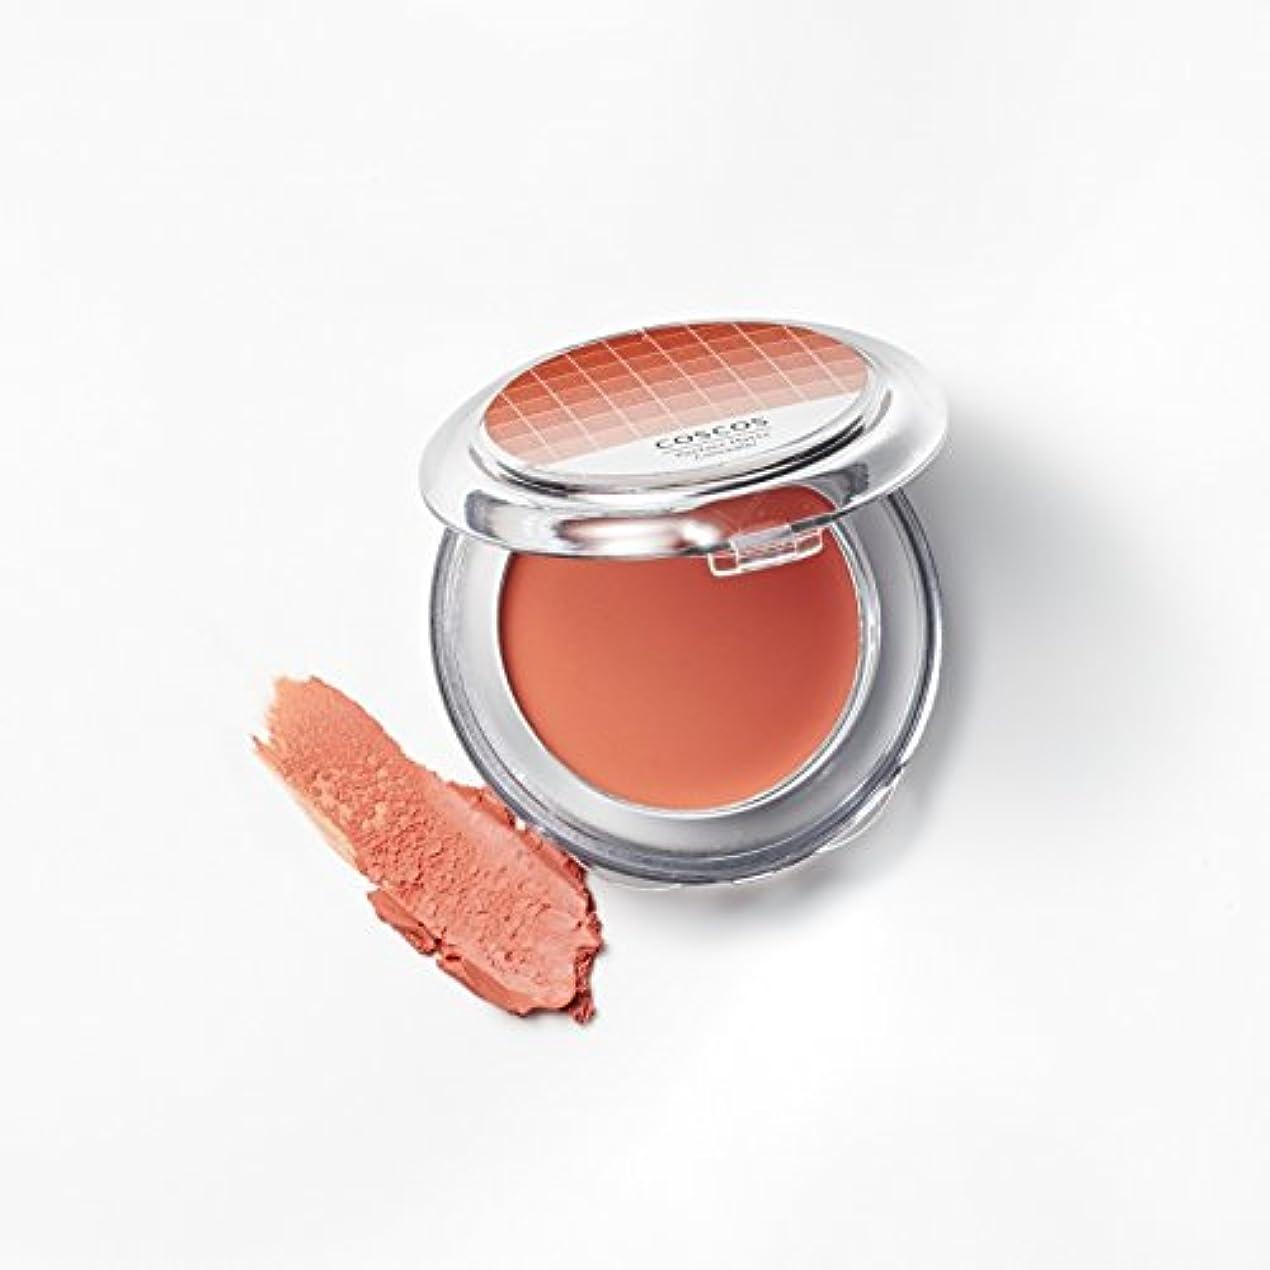 春フロンティア買うCOSCOS(コスコス) カラーコンシーラー スカーレットオレンジ